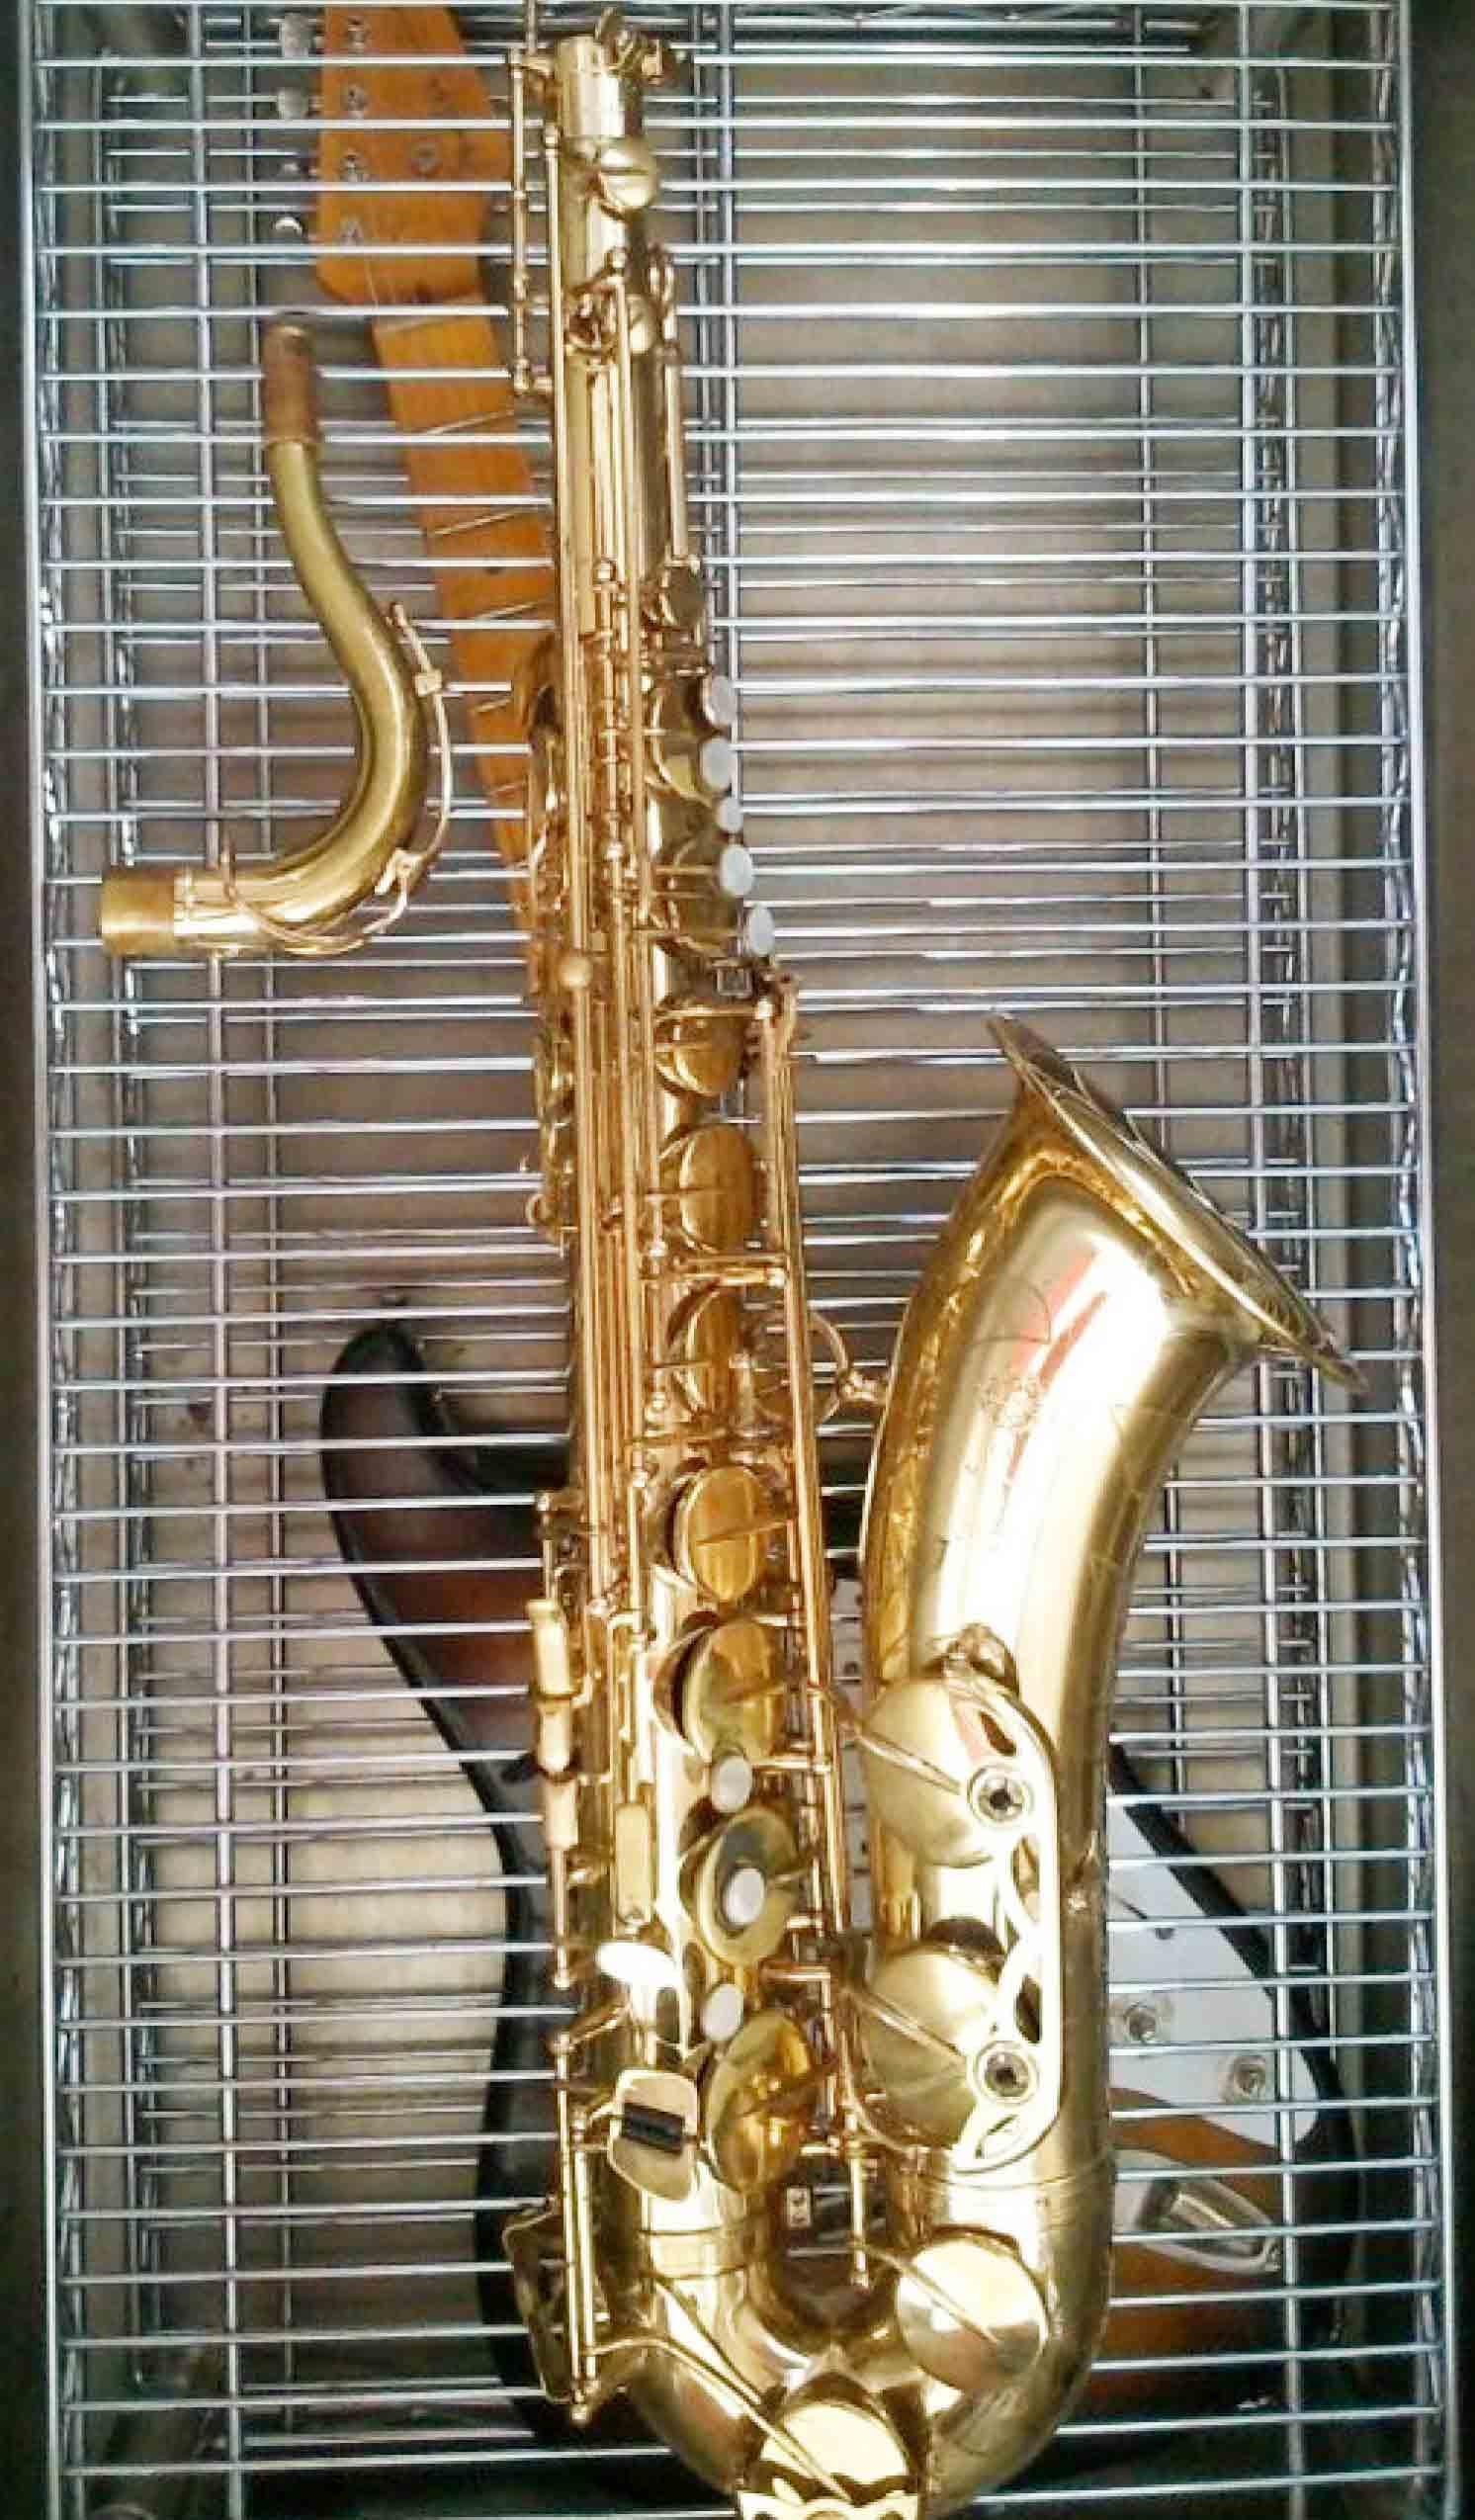 Musikhandel-Ruf_Instrumententuning-08